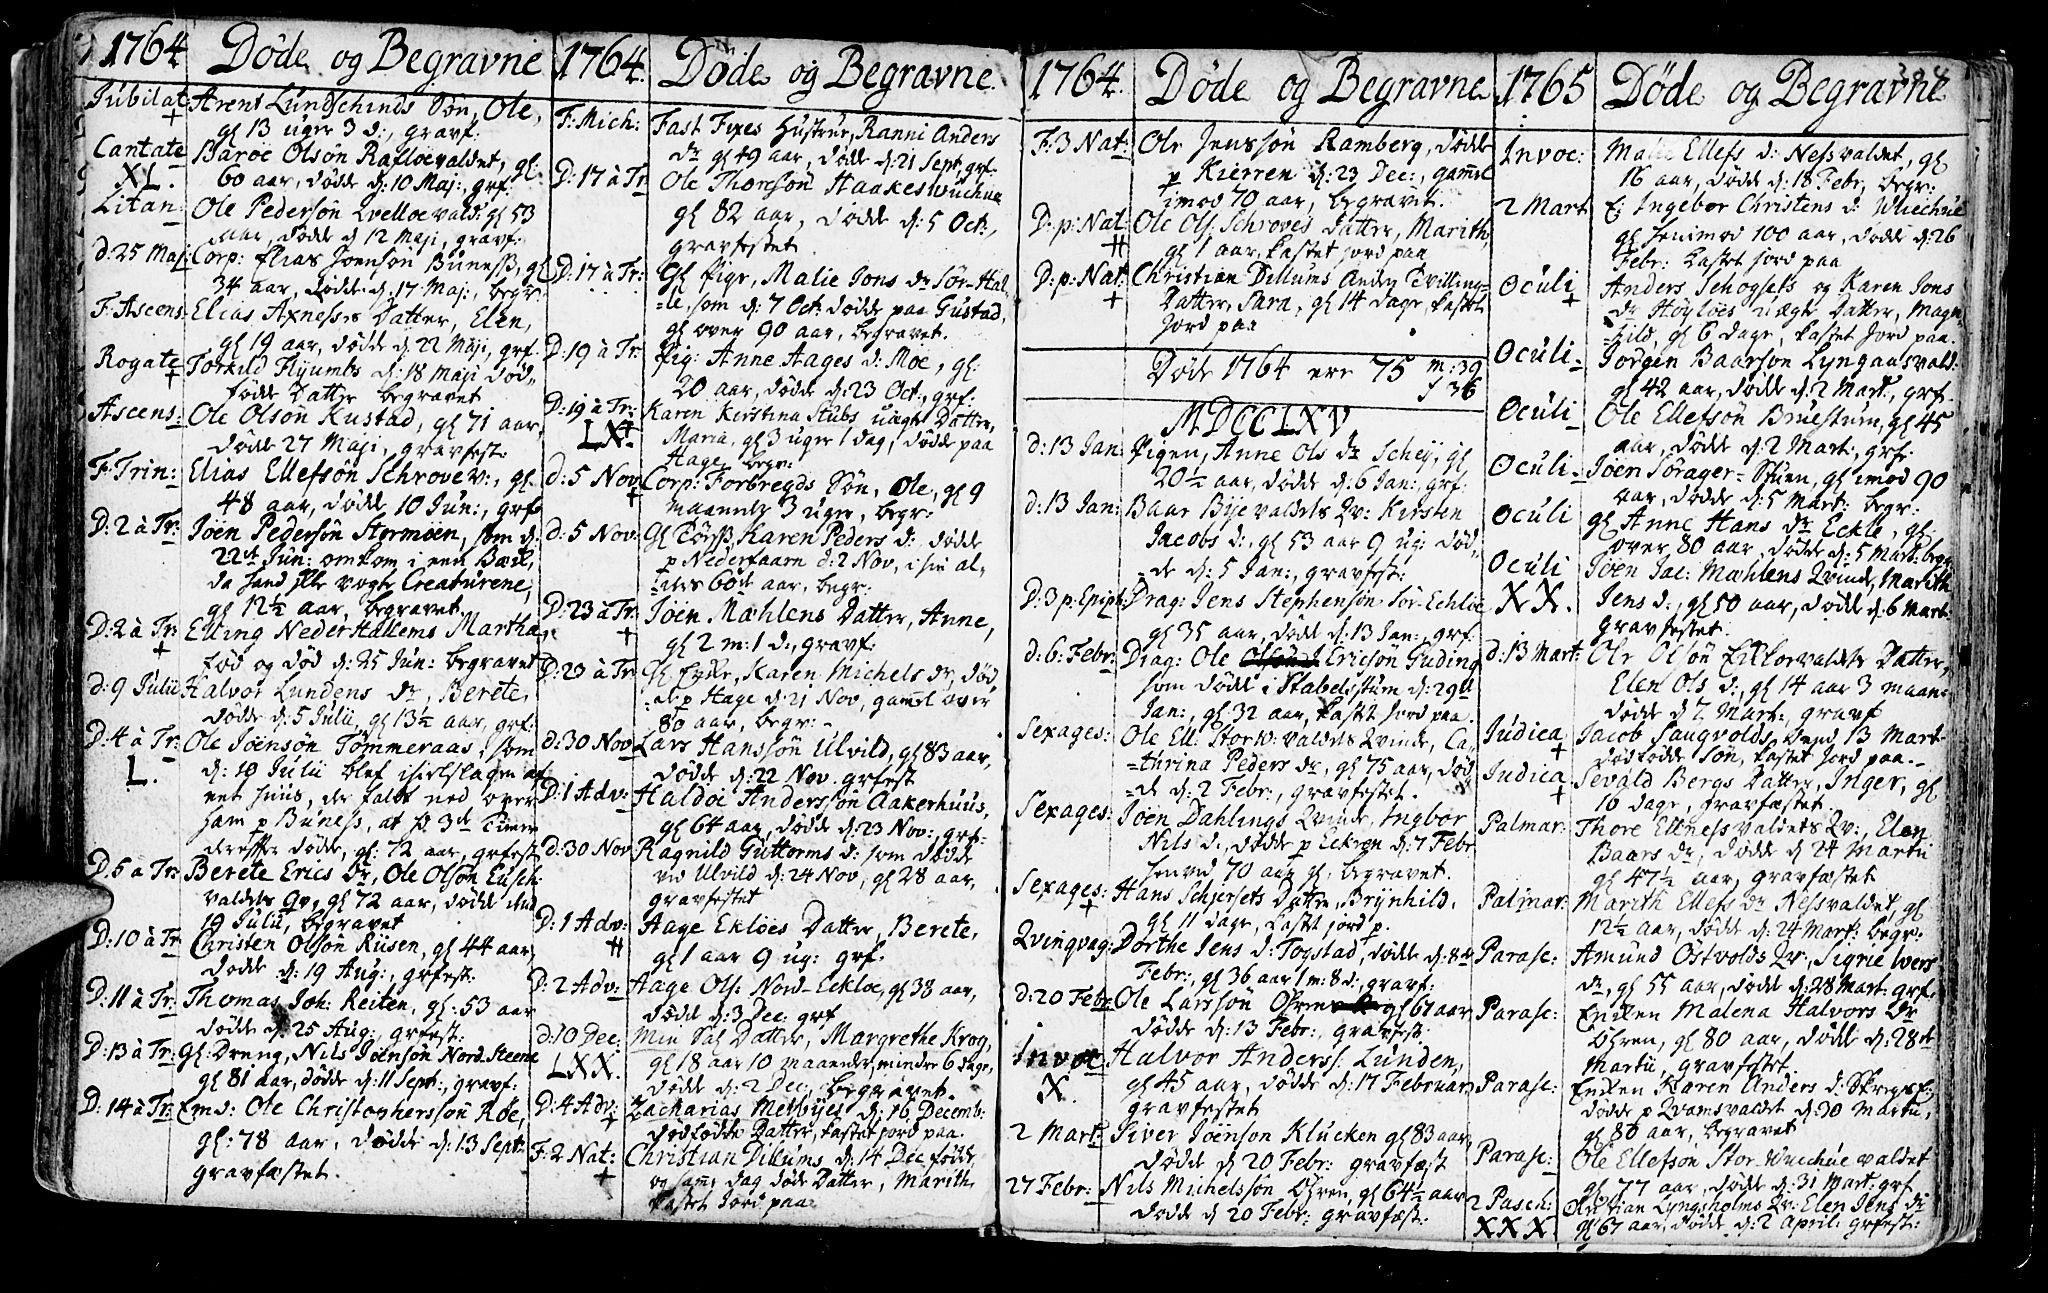 SAT, Ministerialprotokoller, klokkerbøker og fødselsregistre - Nord-Trøndelag, 723/L0231: Ministerialbok nr. 723A02, 1748-1780, s. 304